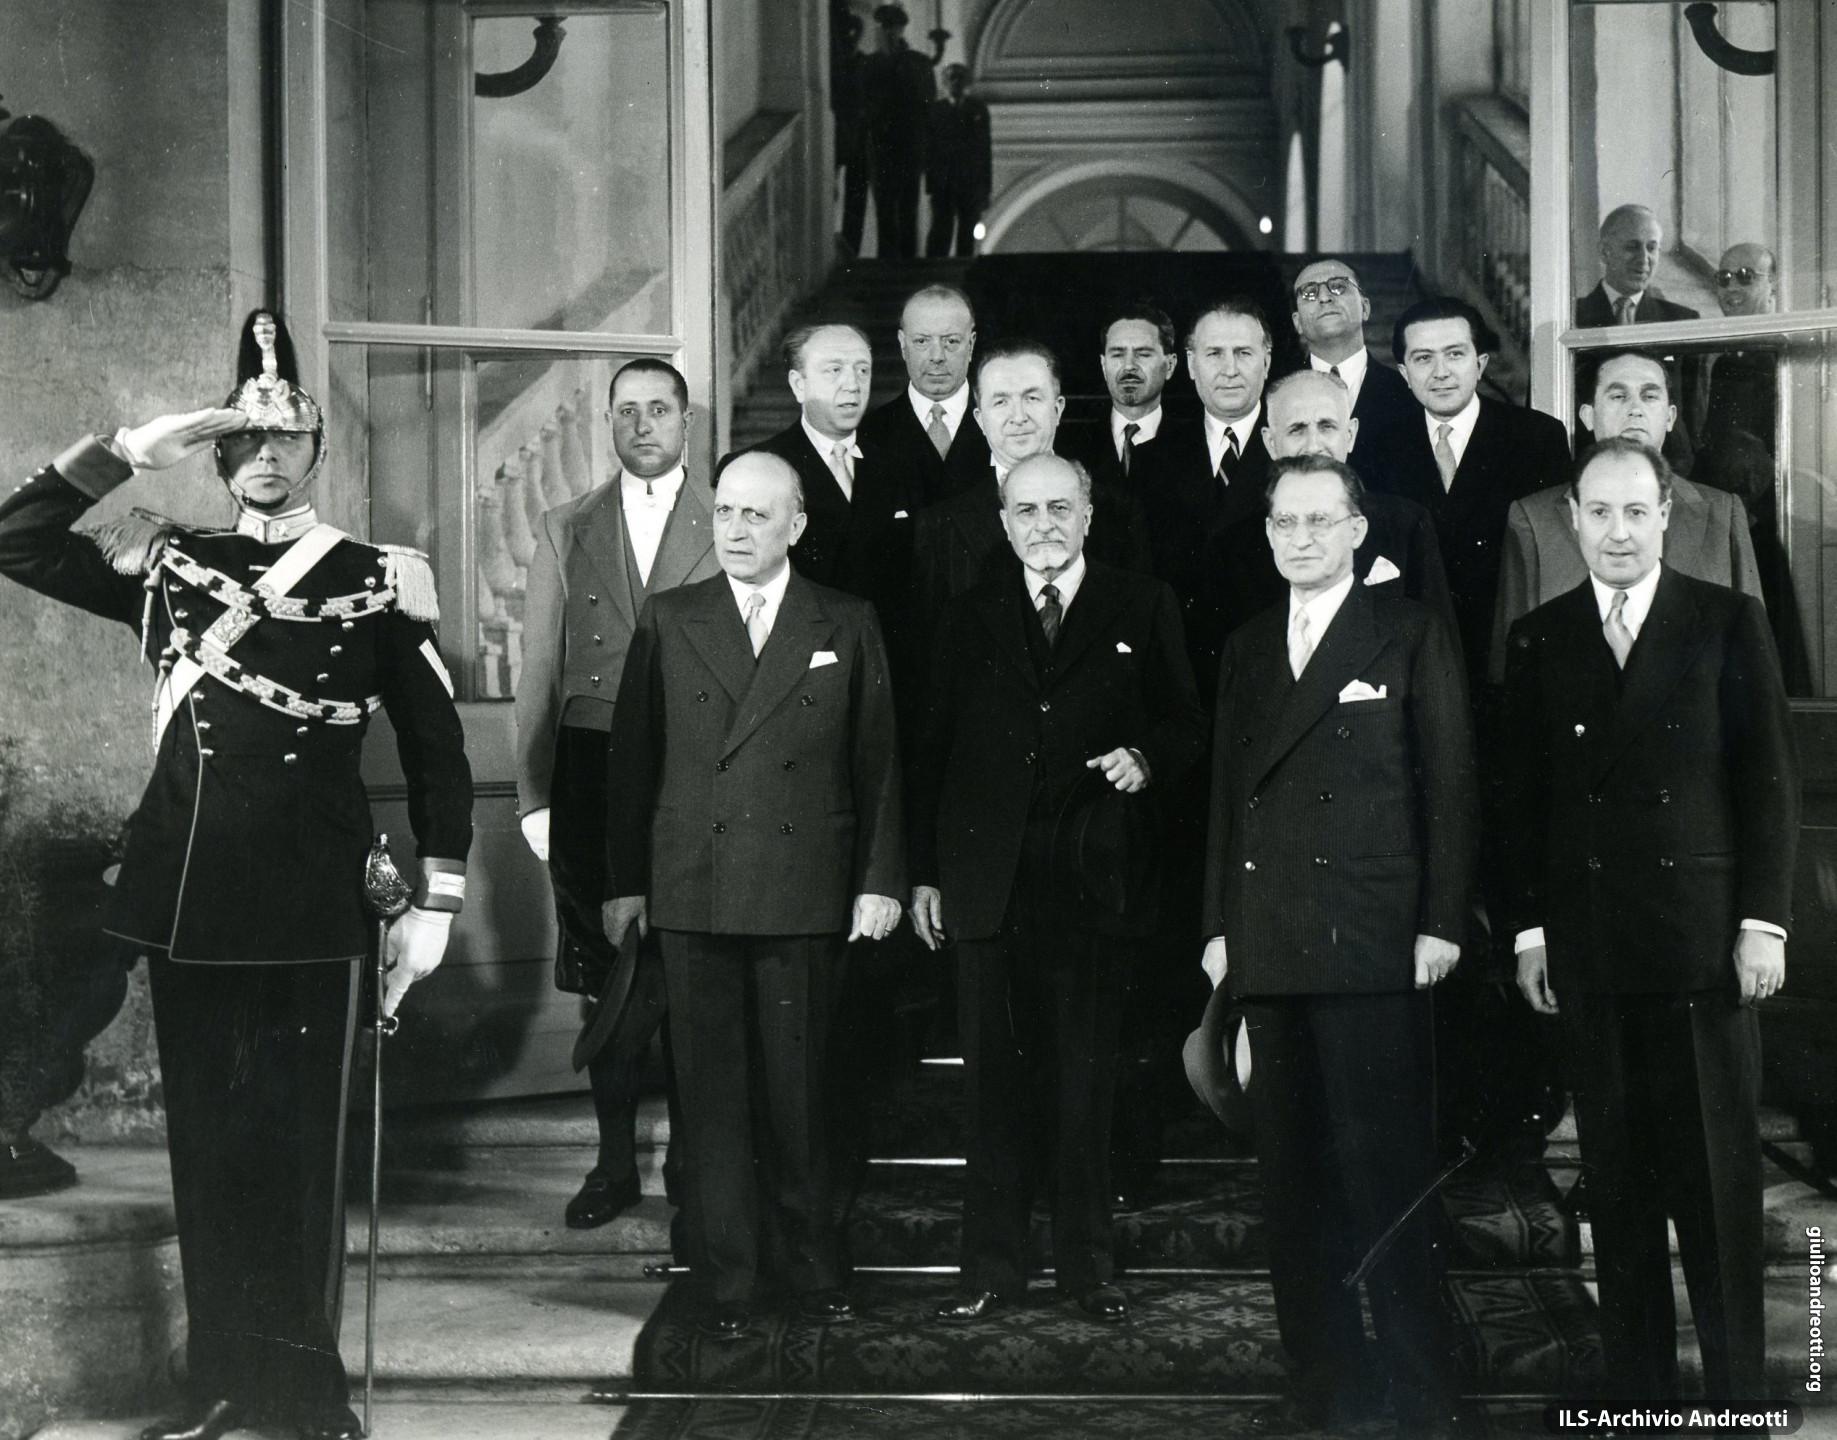 Maggio 1948. Presentazione al Quirinale del governo De Gasperi V.